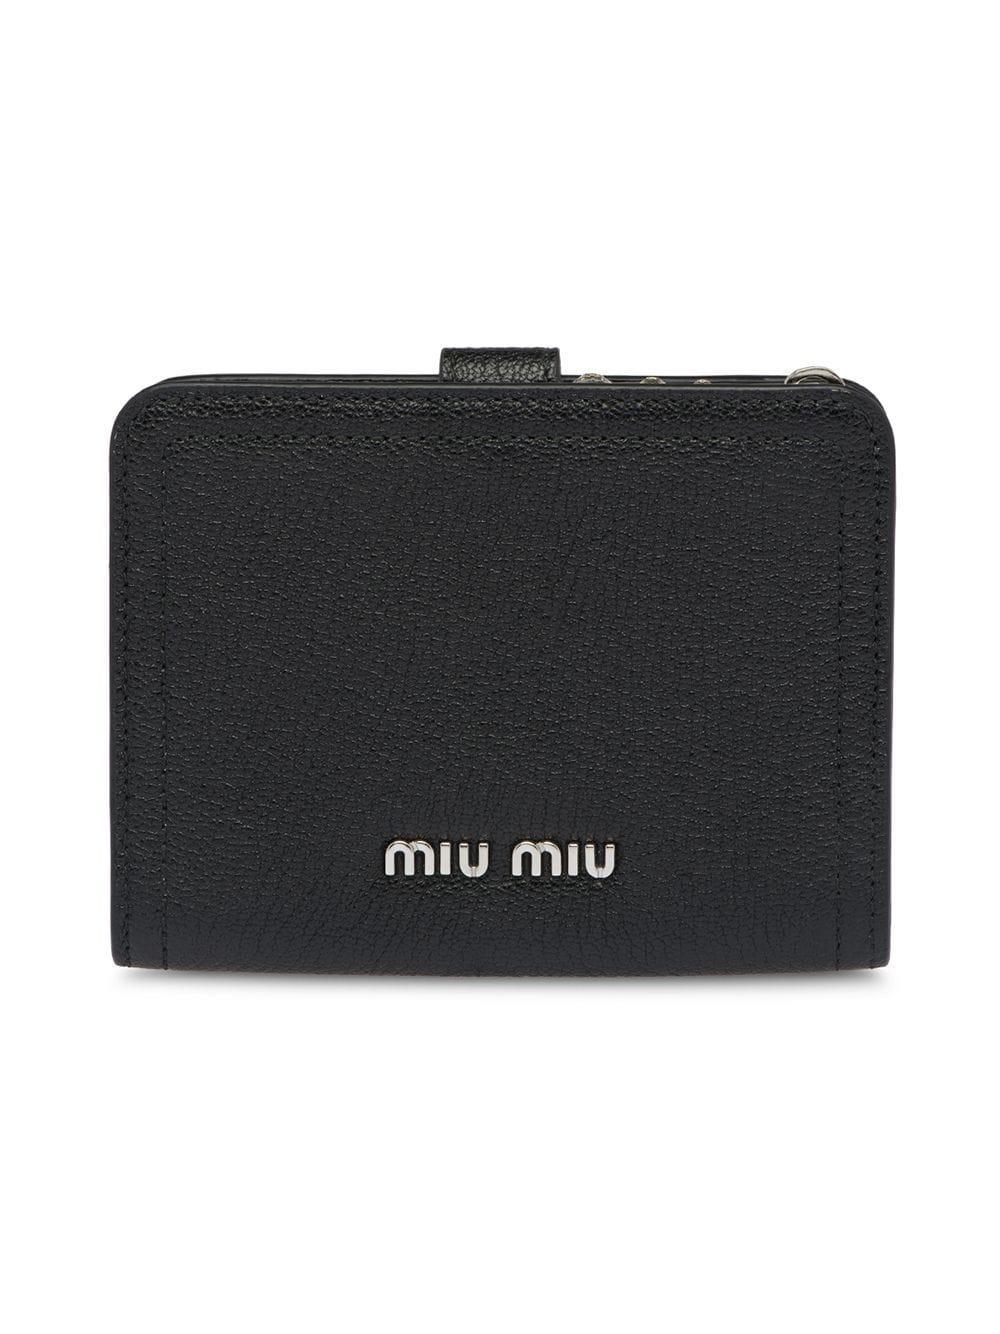 27eee65c74 Lyst - Miu Miu Madras Leather Wallet in Black